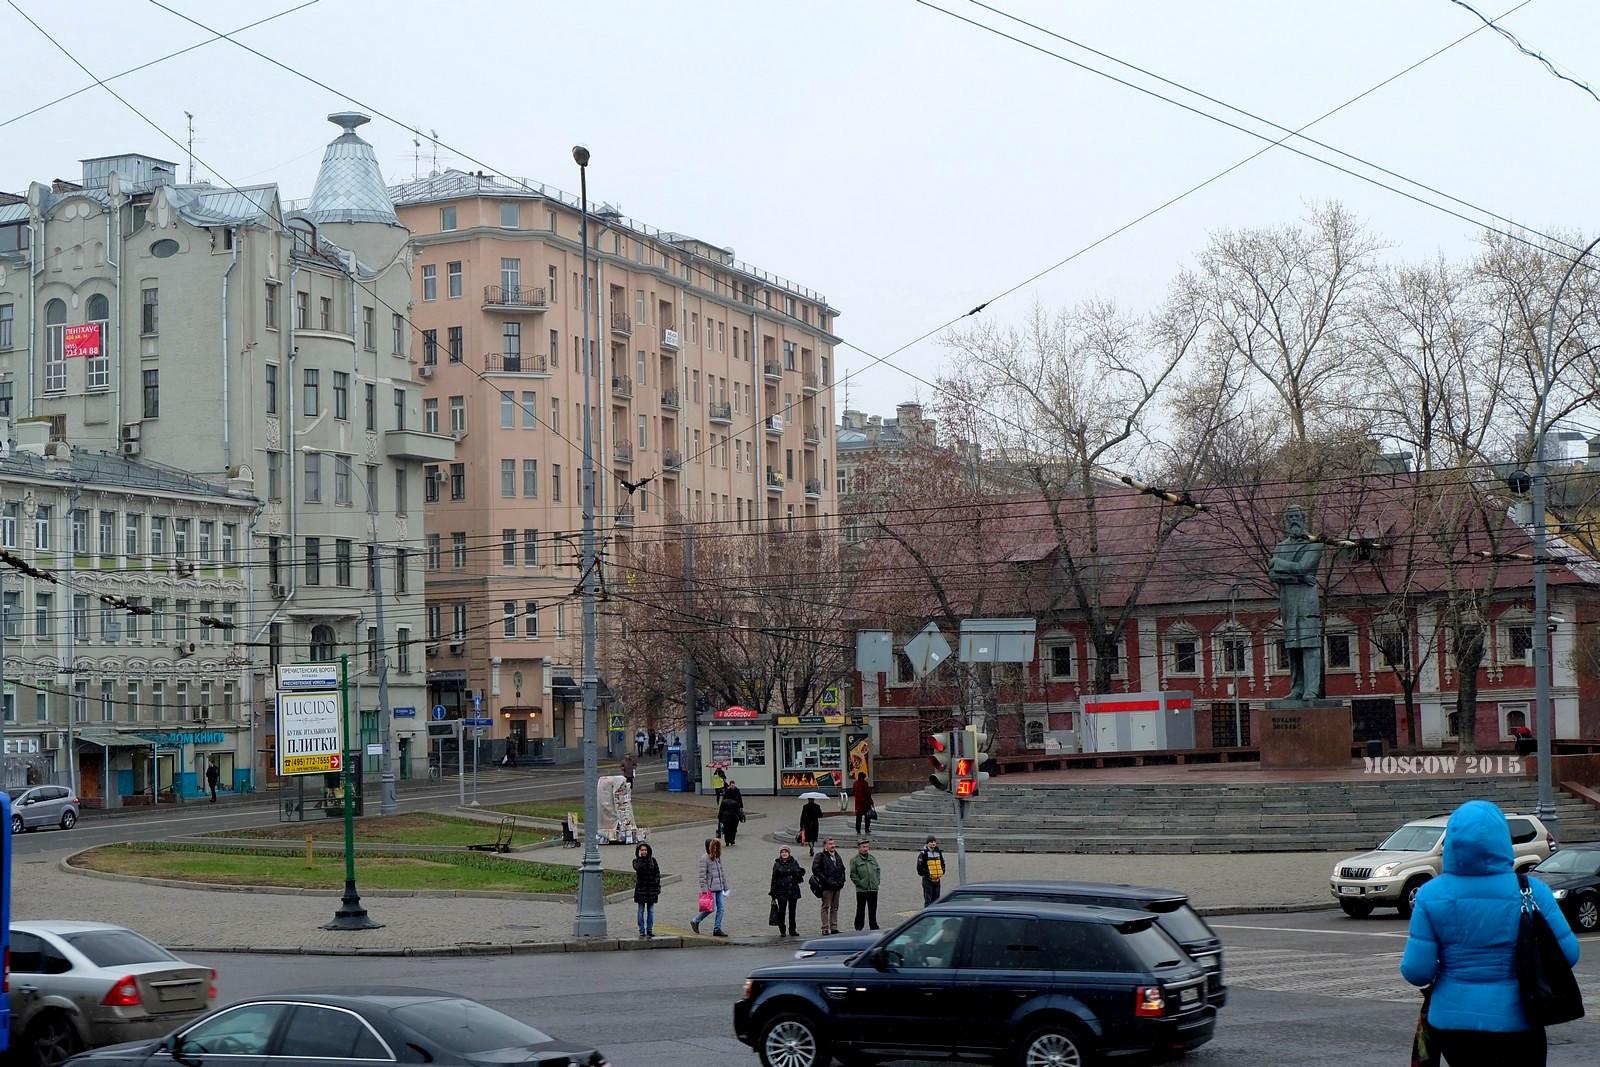 Памятник Ф.Энгельсу, пл. Пречистенские ворота, Москва